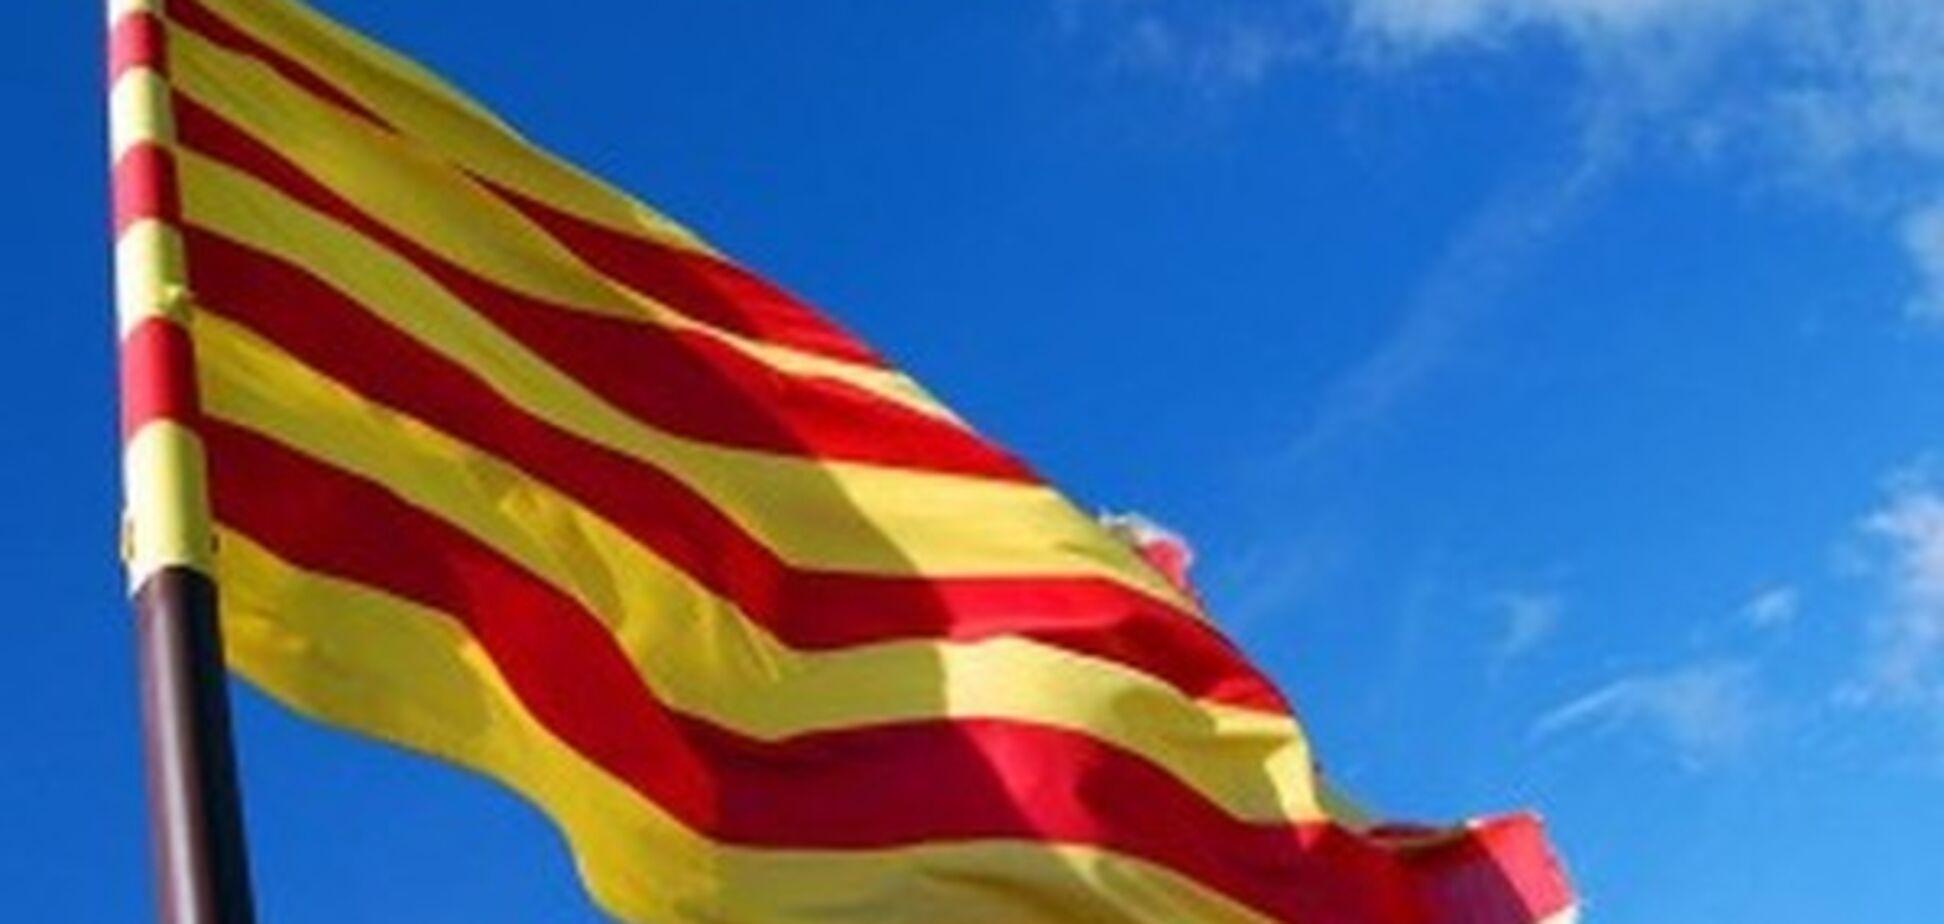 Скажет ли Каталония 'Адеу Испания!' или нет?